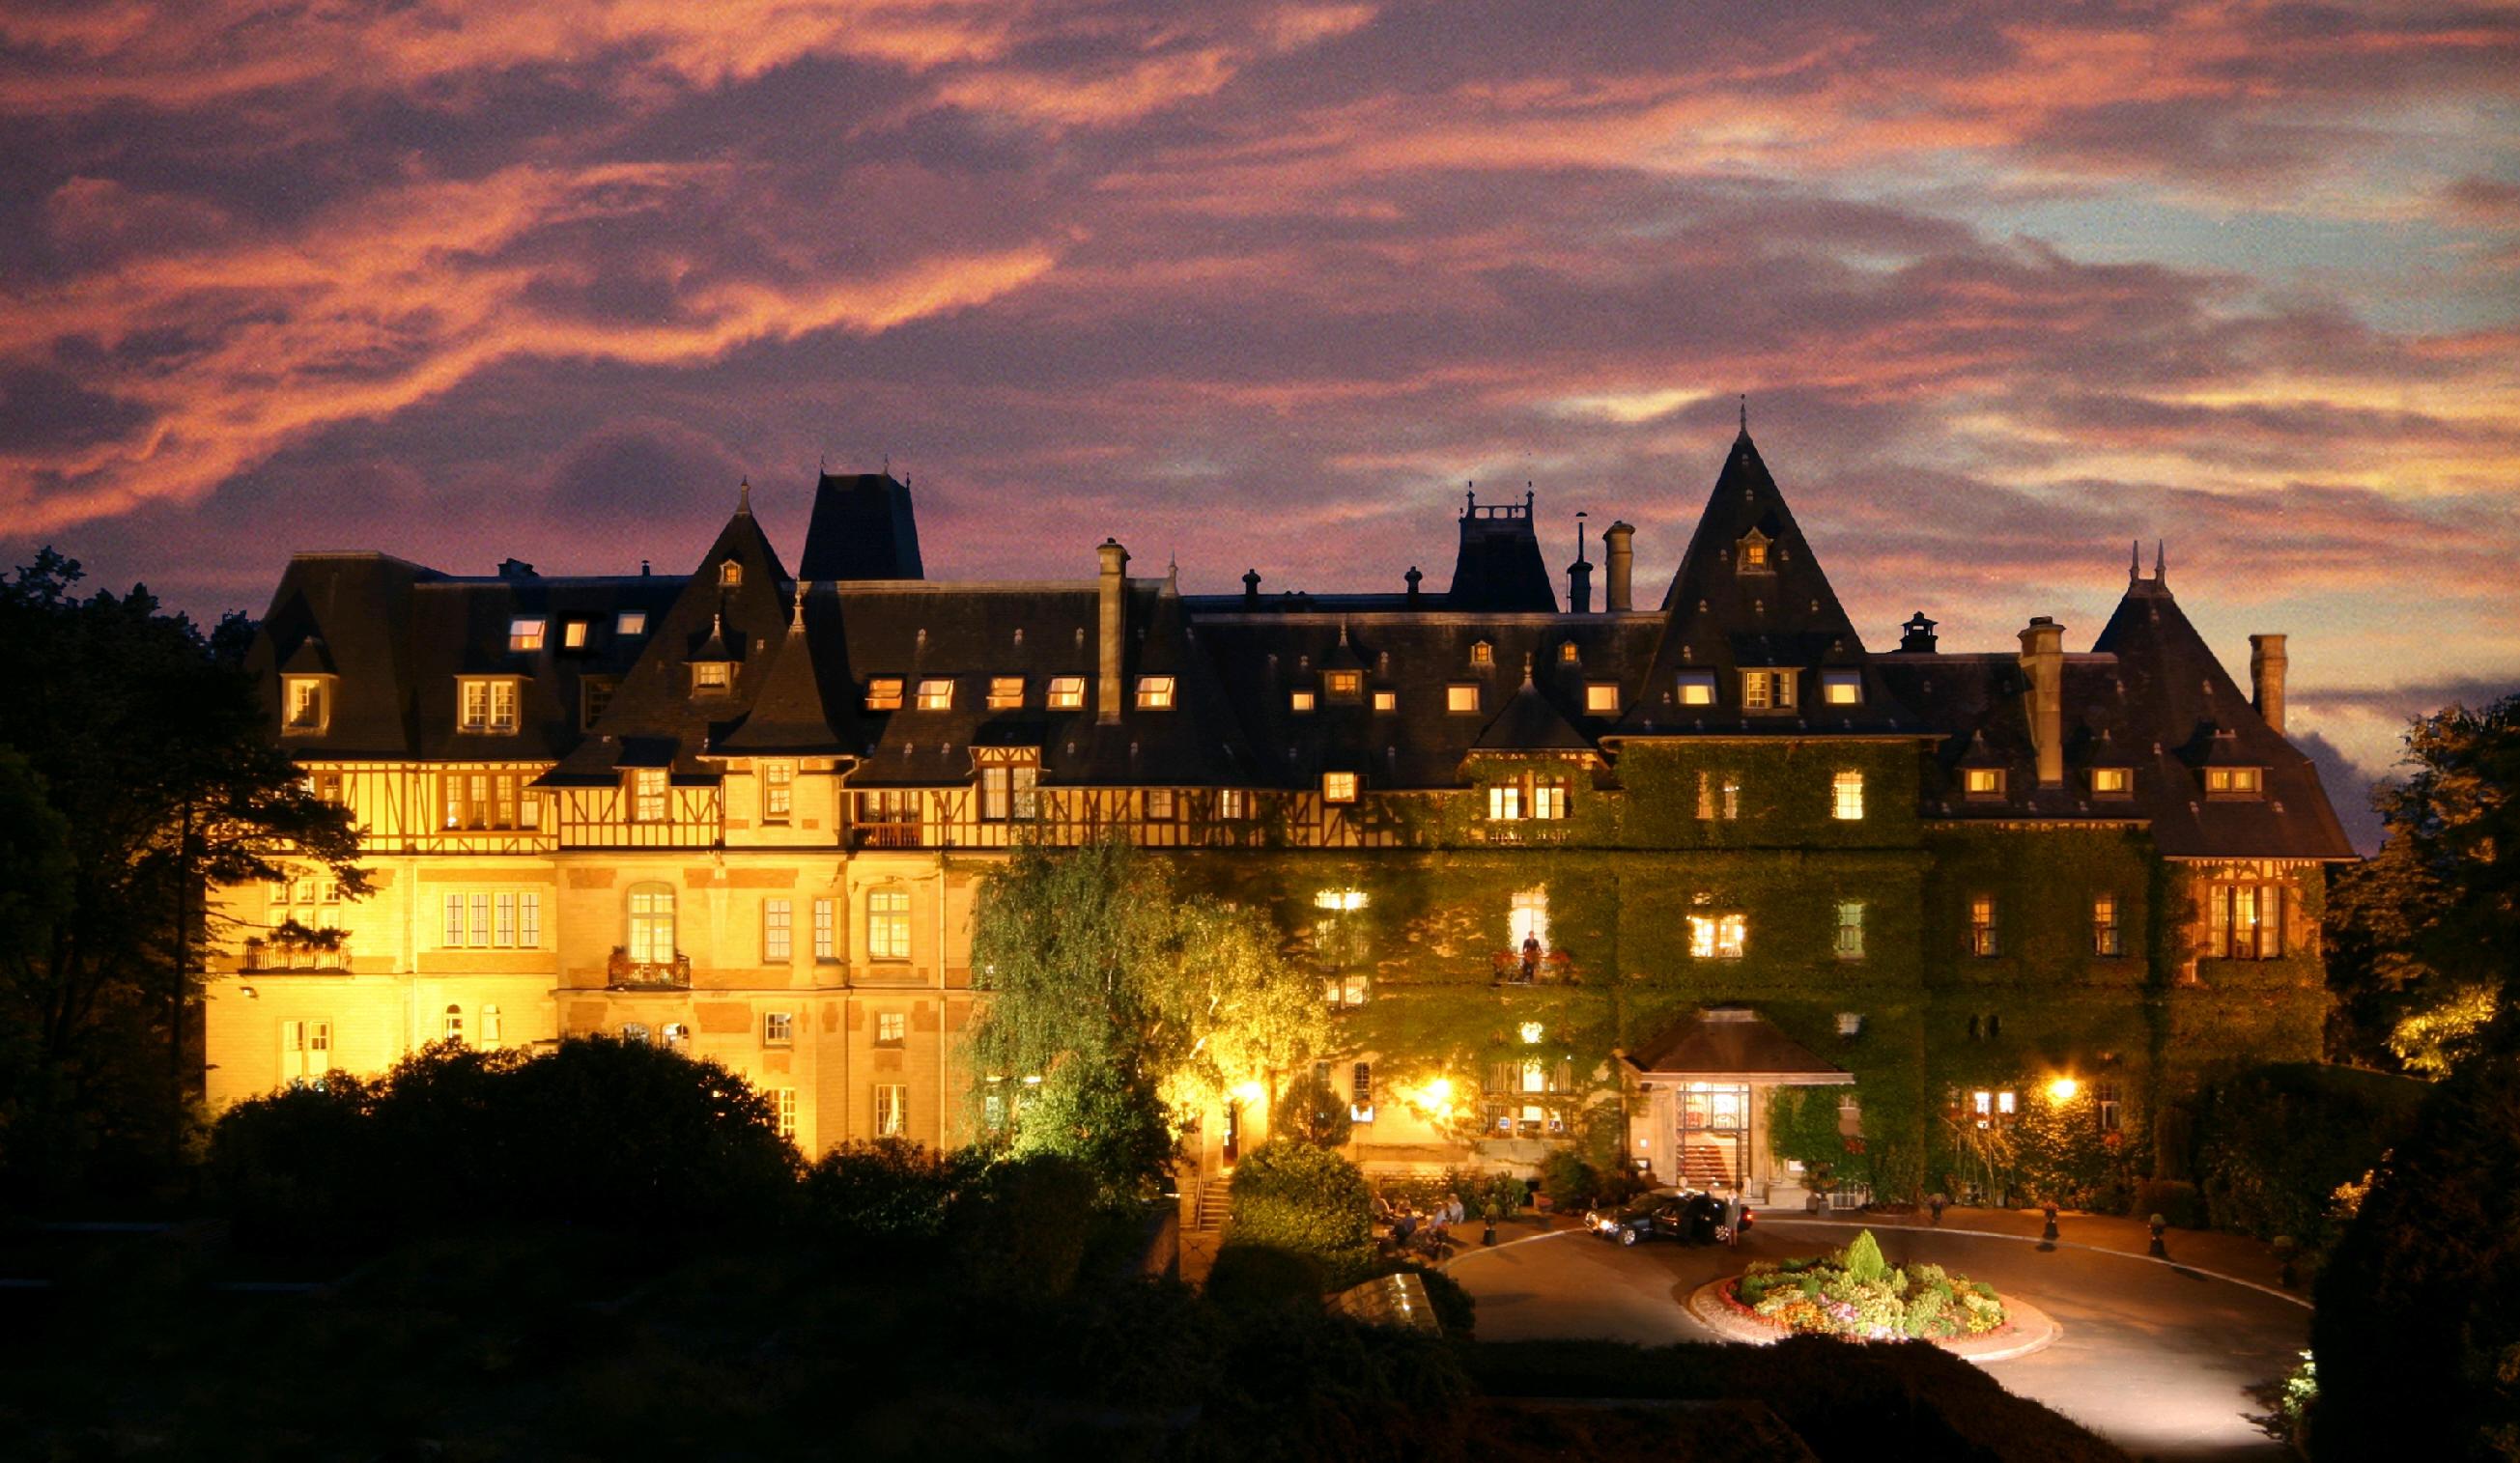 Hotel chateau de montvillargeenne paris france for Chateau hotel paris